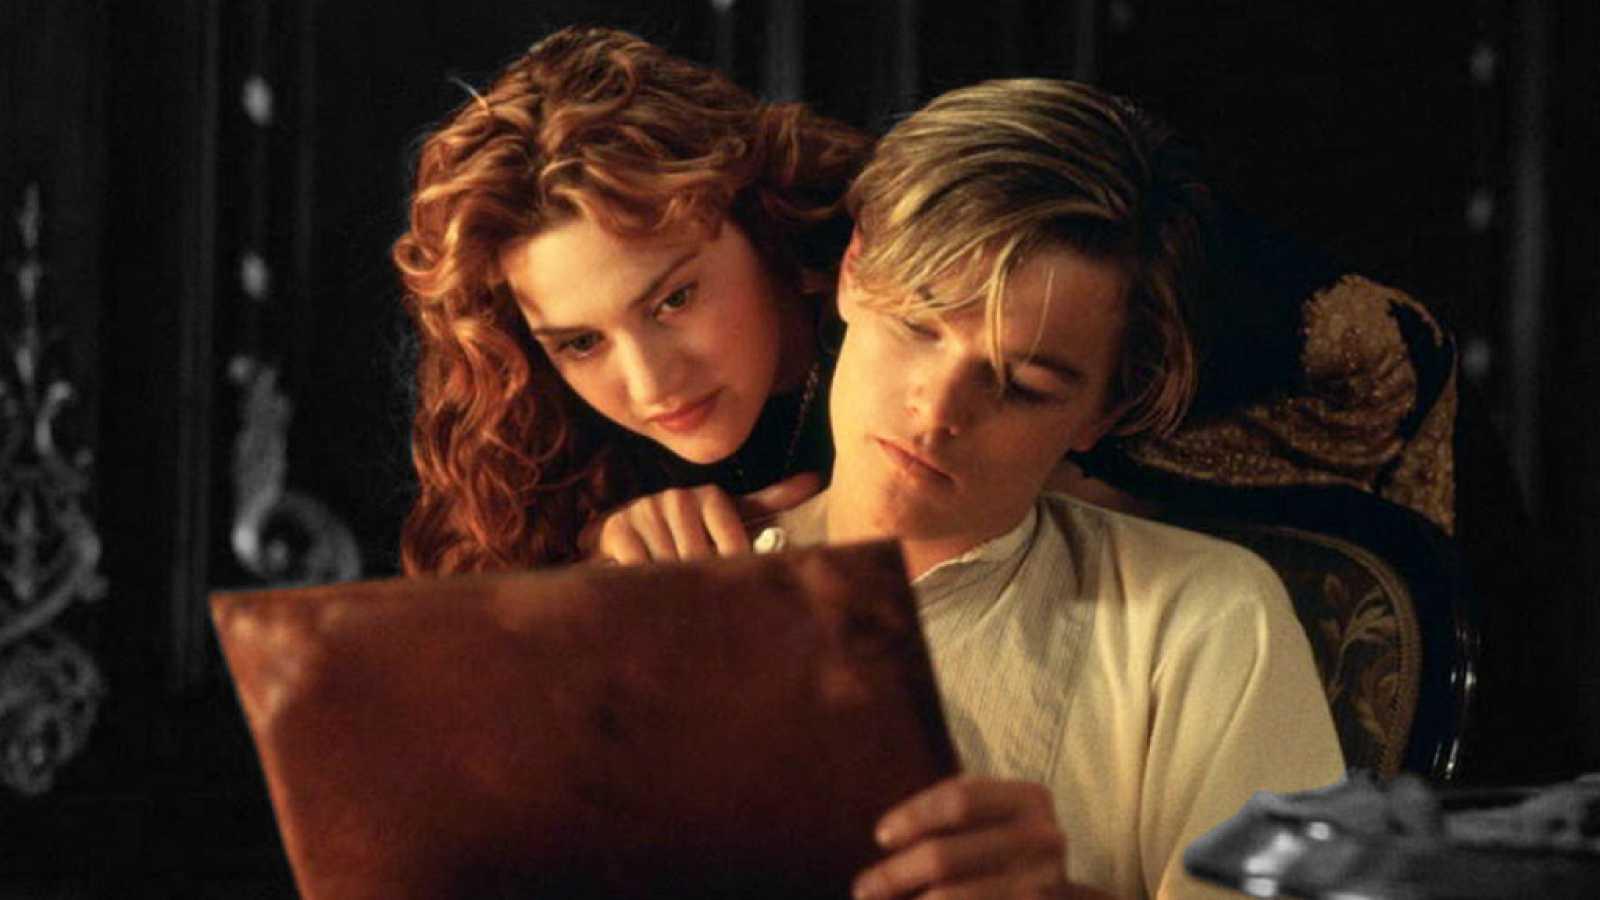 La teoría viral sobre 'Titanic' que arrasa en redes